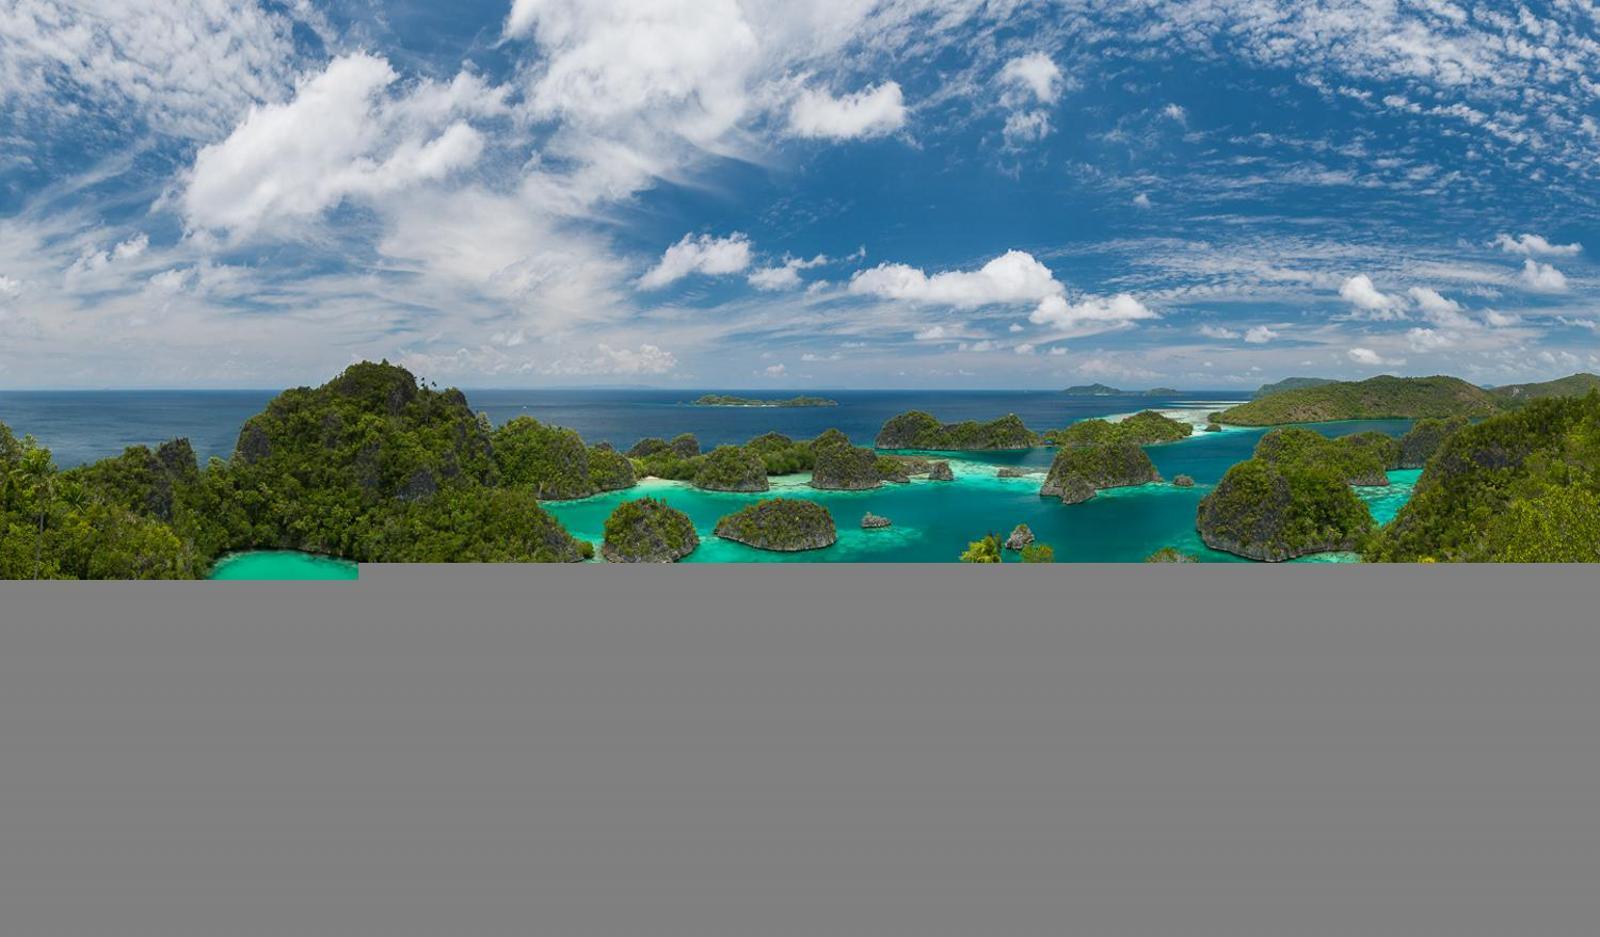 اندونزی